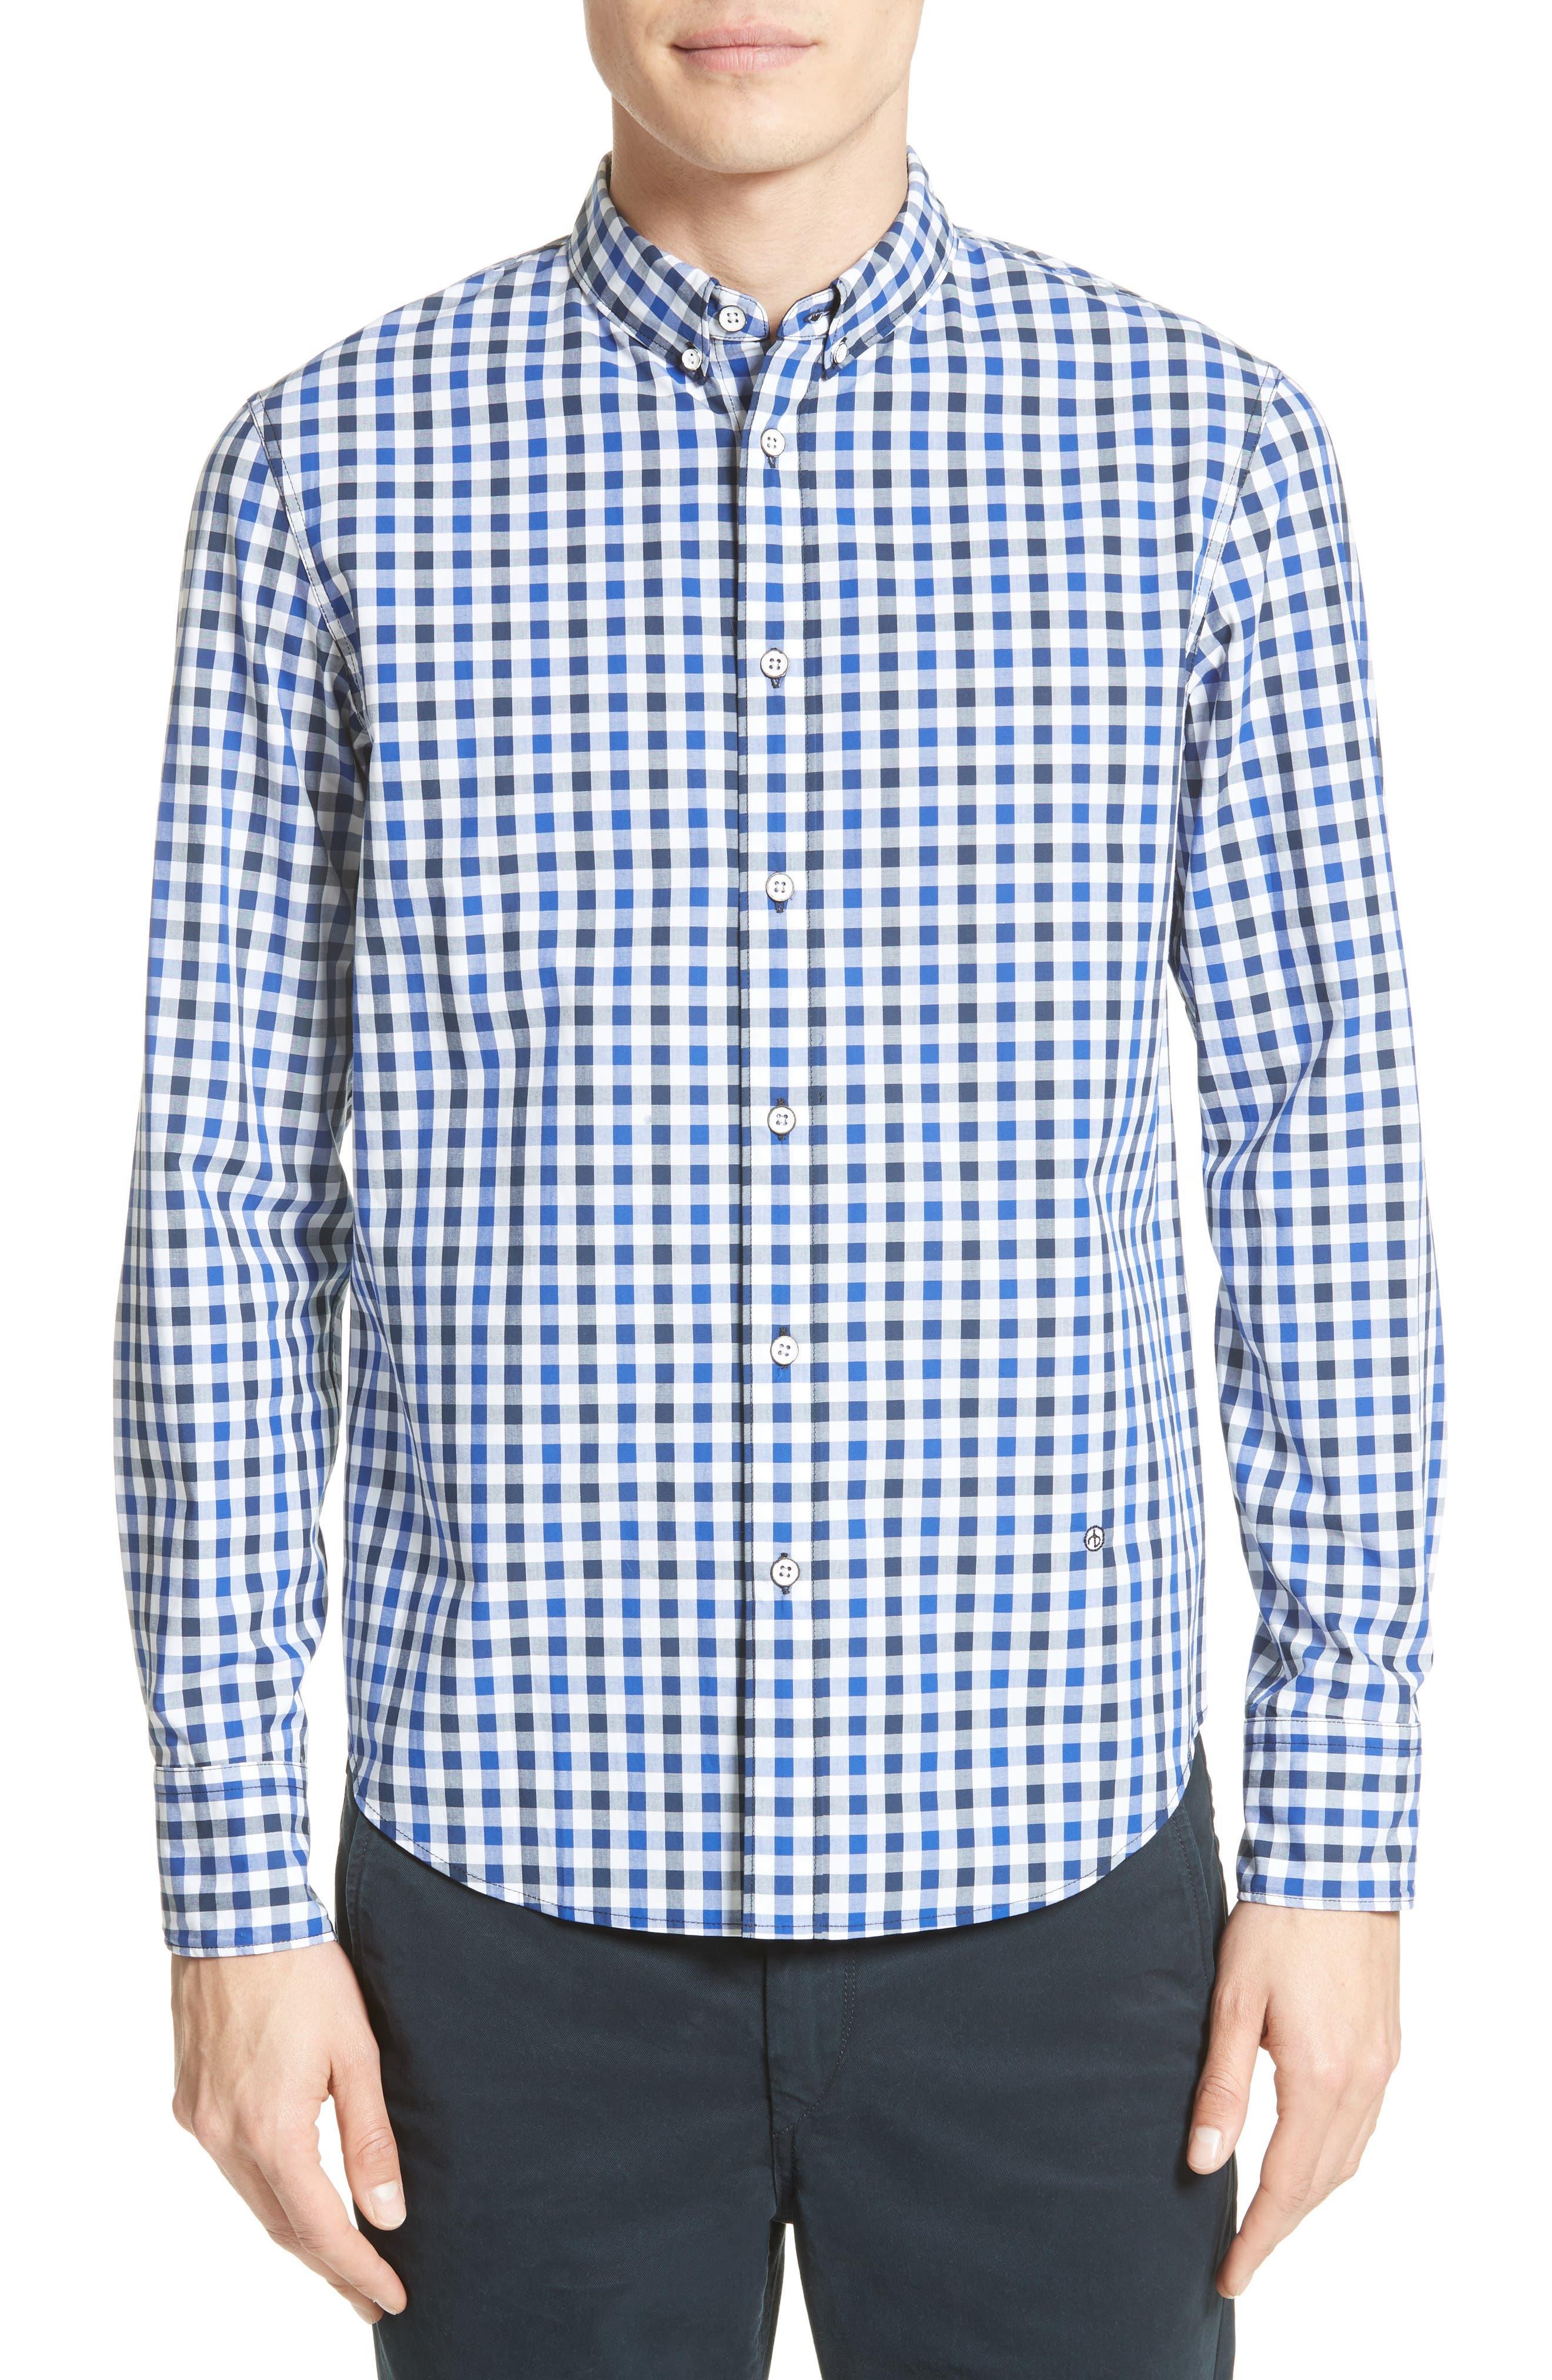 Tomlin Check Sport Shirt,                         Main,                         color, Navy Check